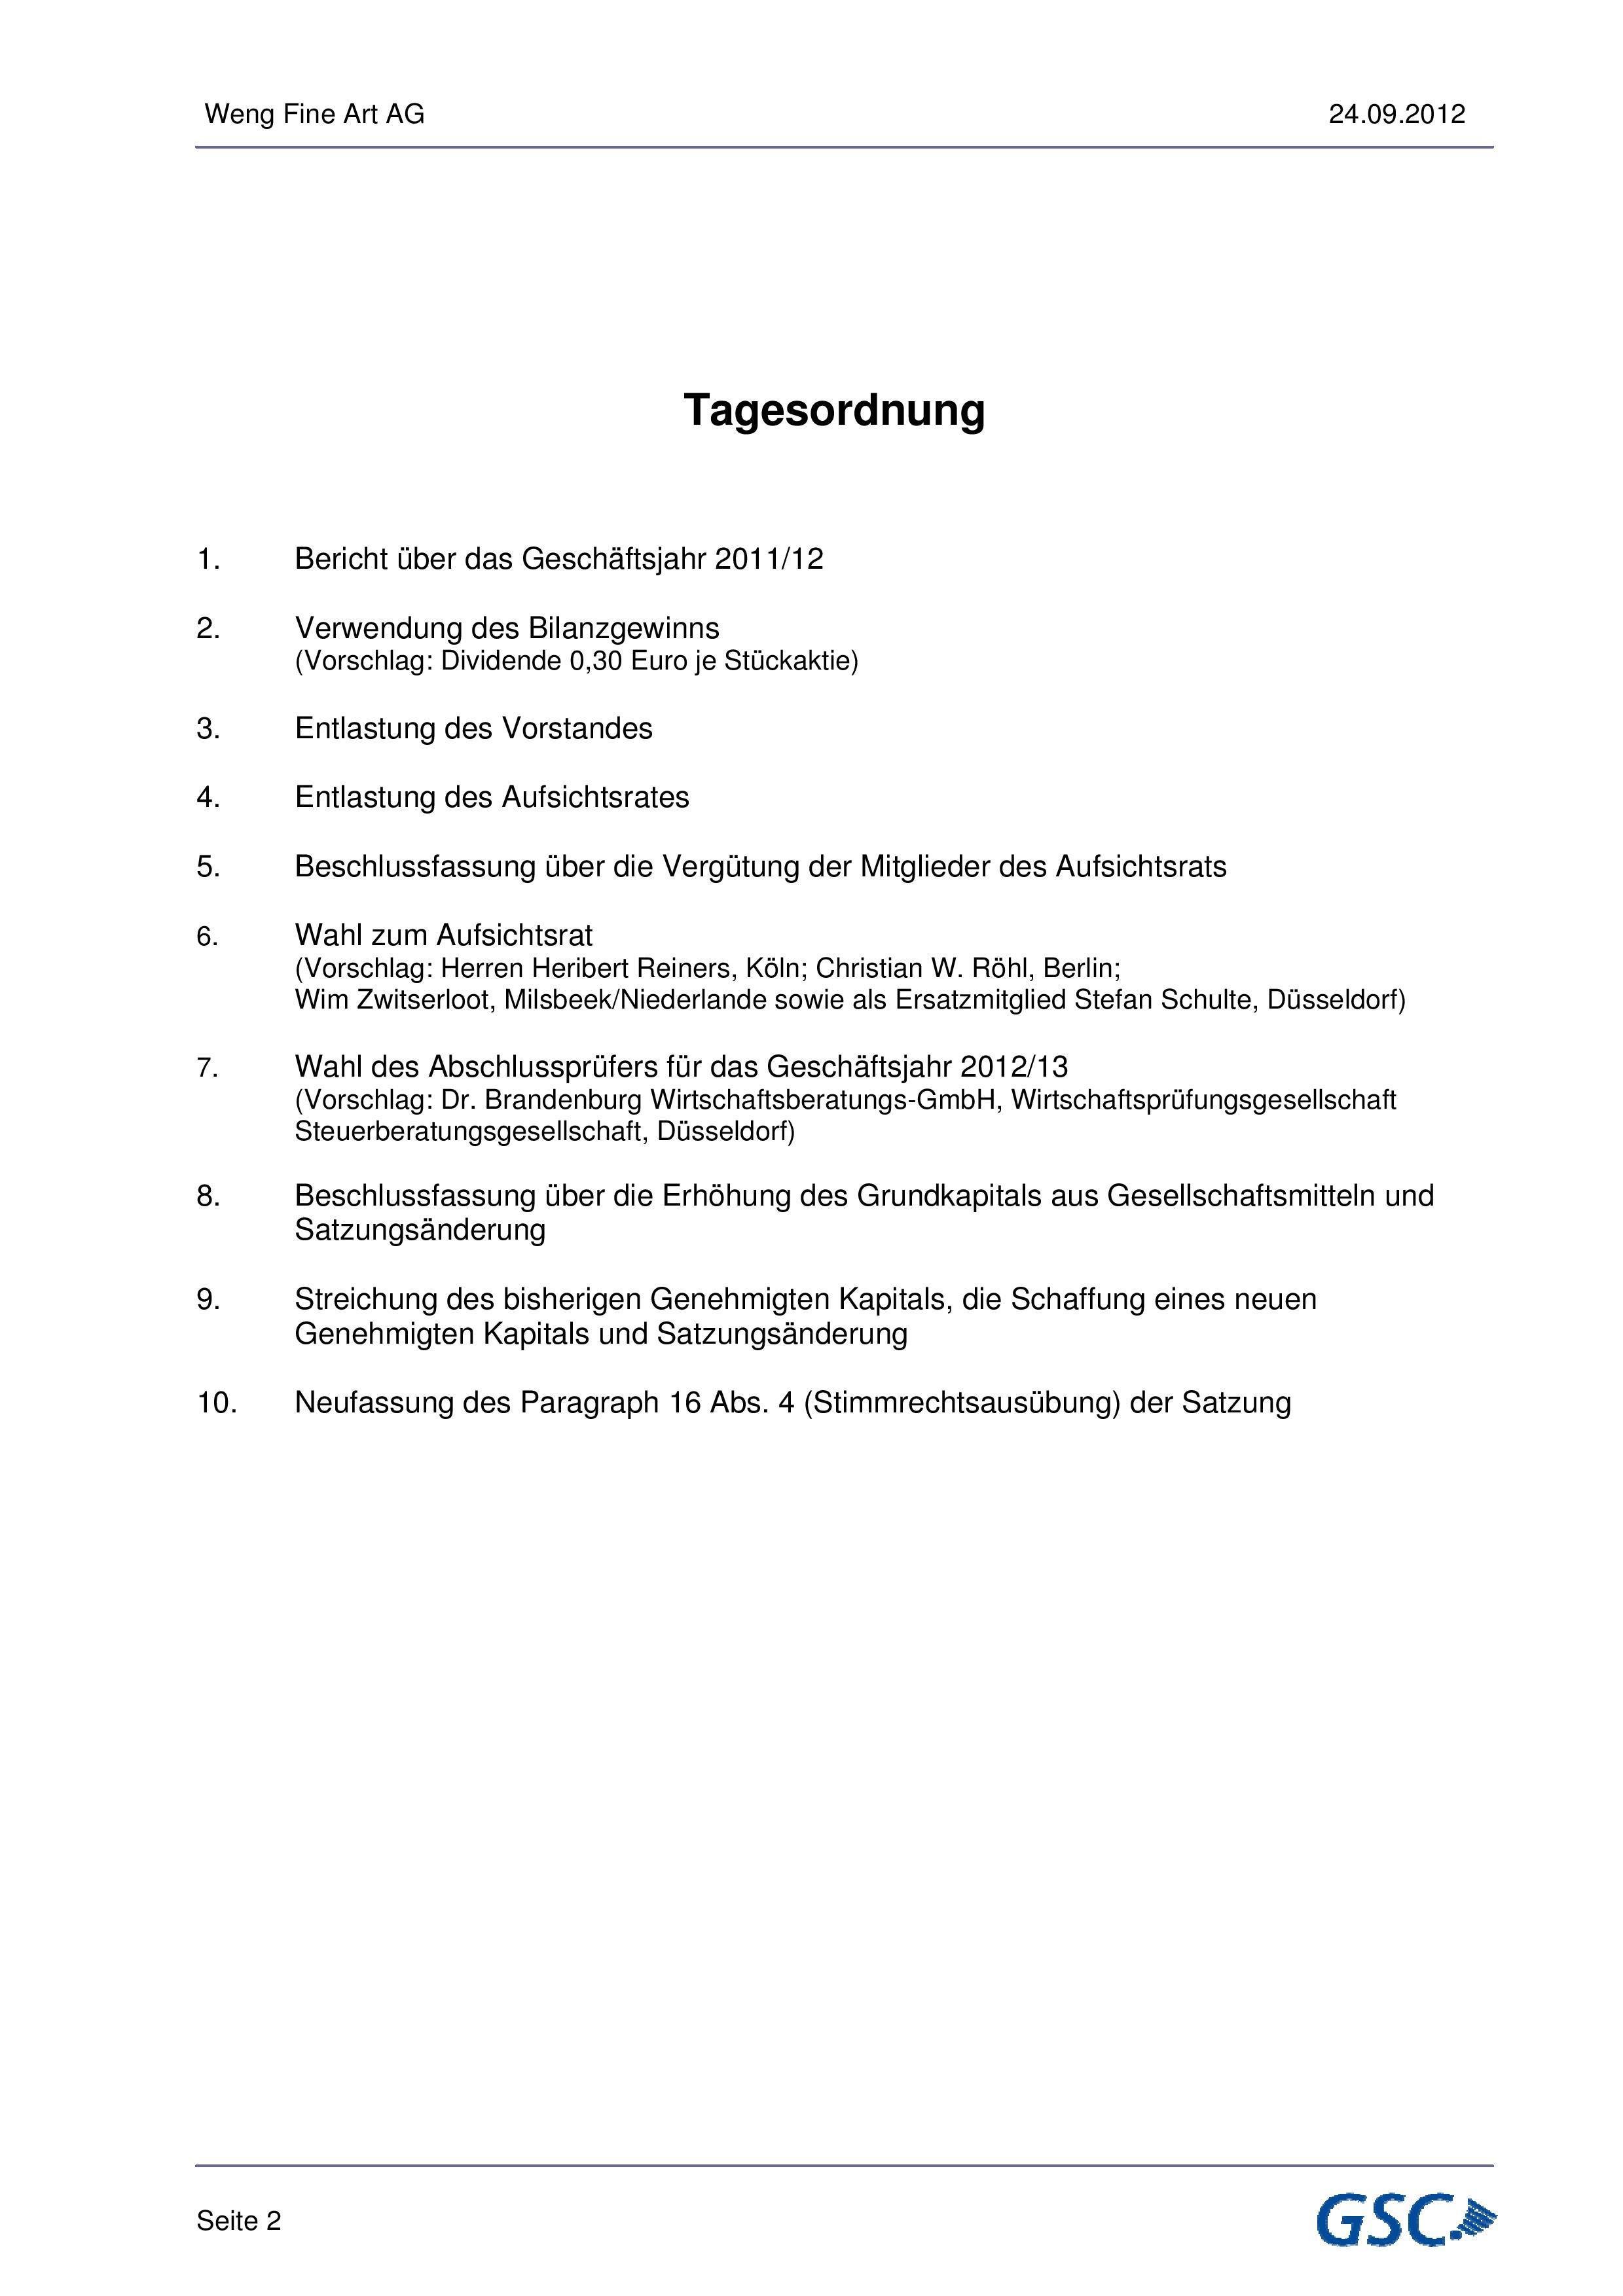 Weng_Fine_Art_AG_HV-Bericht_2012-09-24-page-002.jpg#asset:3526